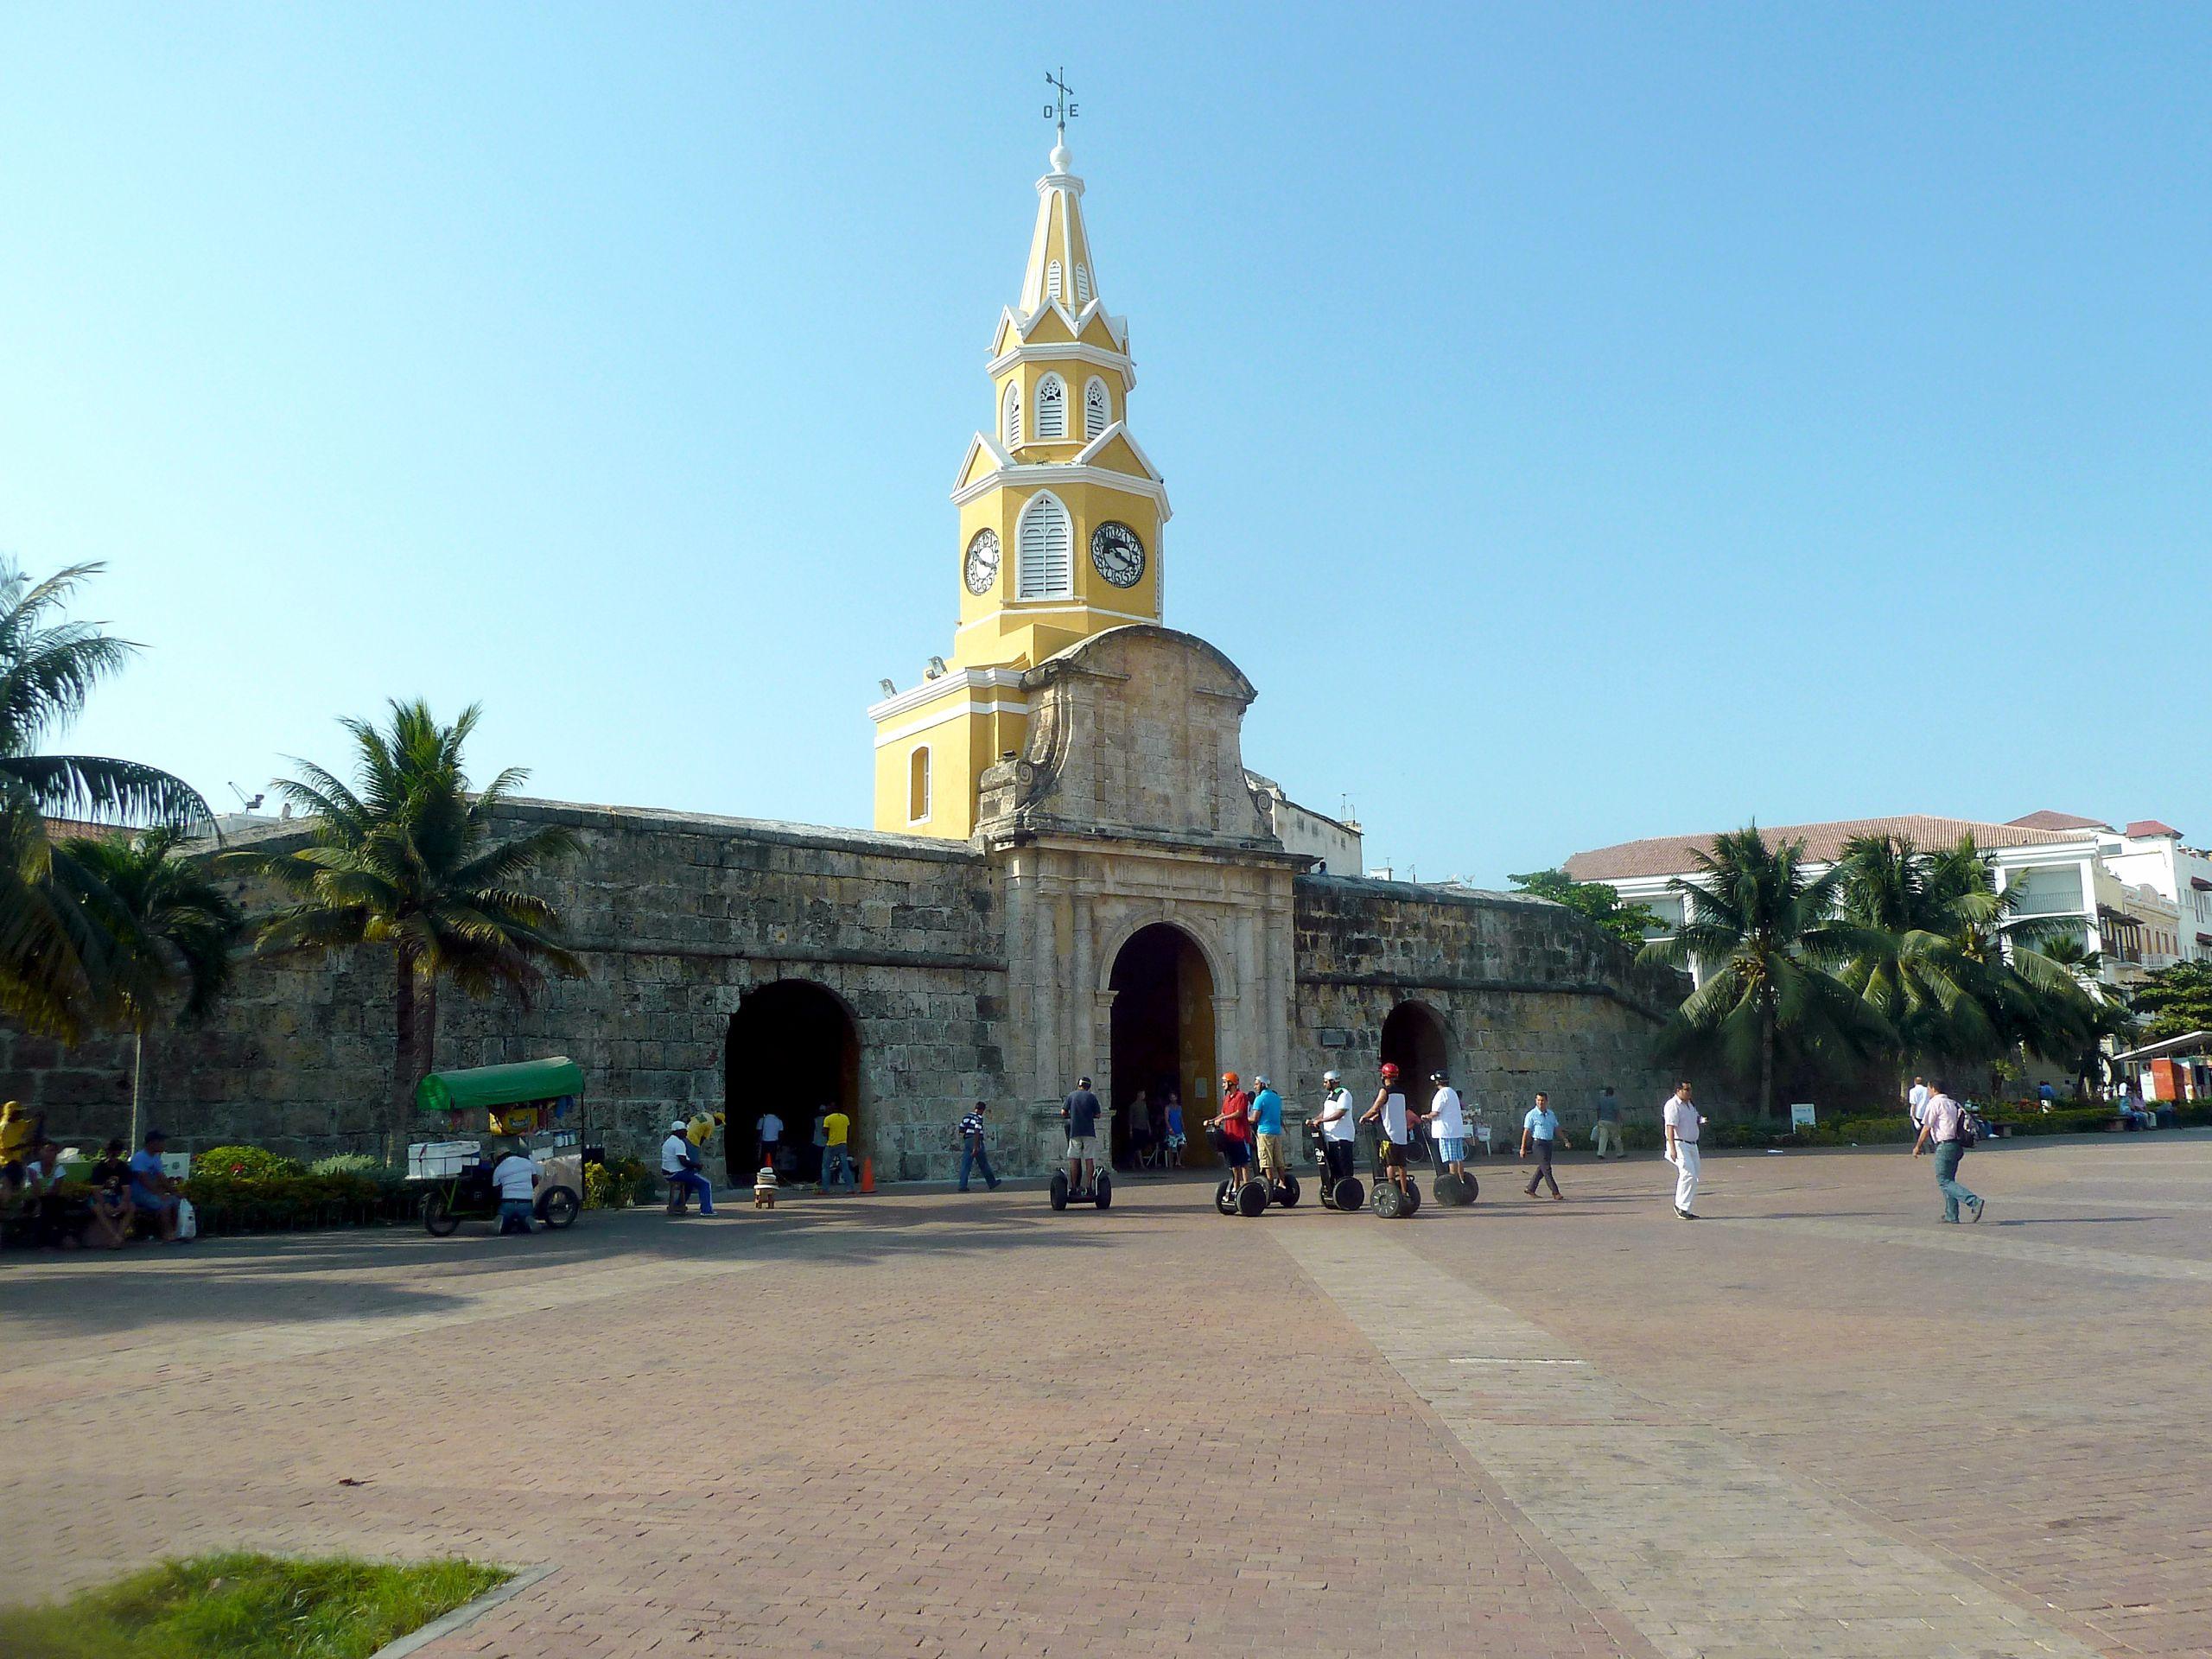 023 Torre del Reloj Cartagena Colombia JPG